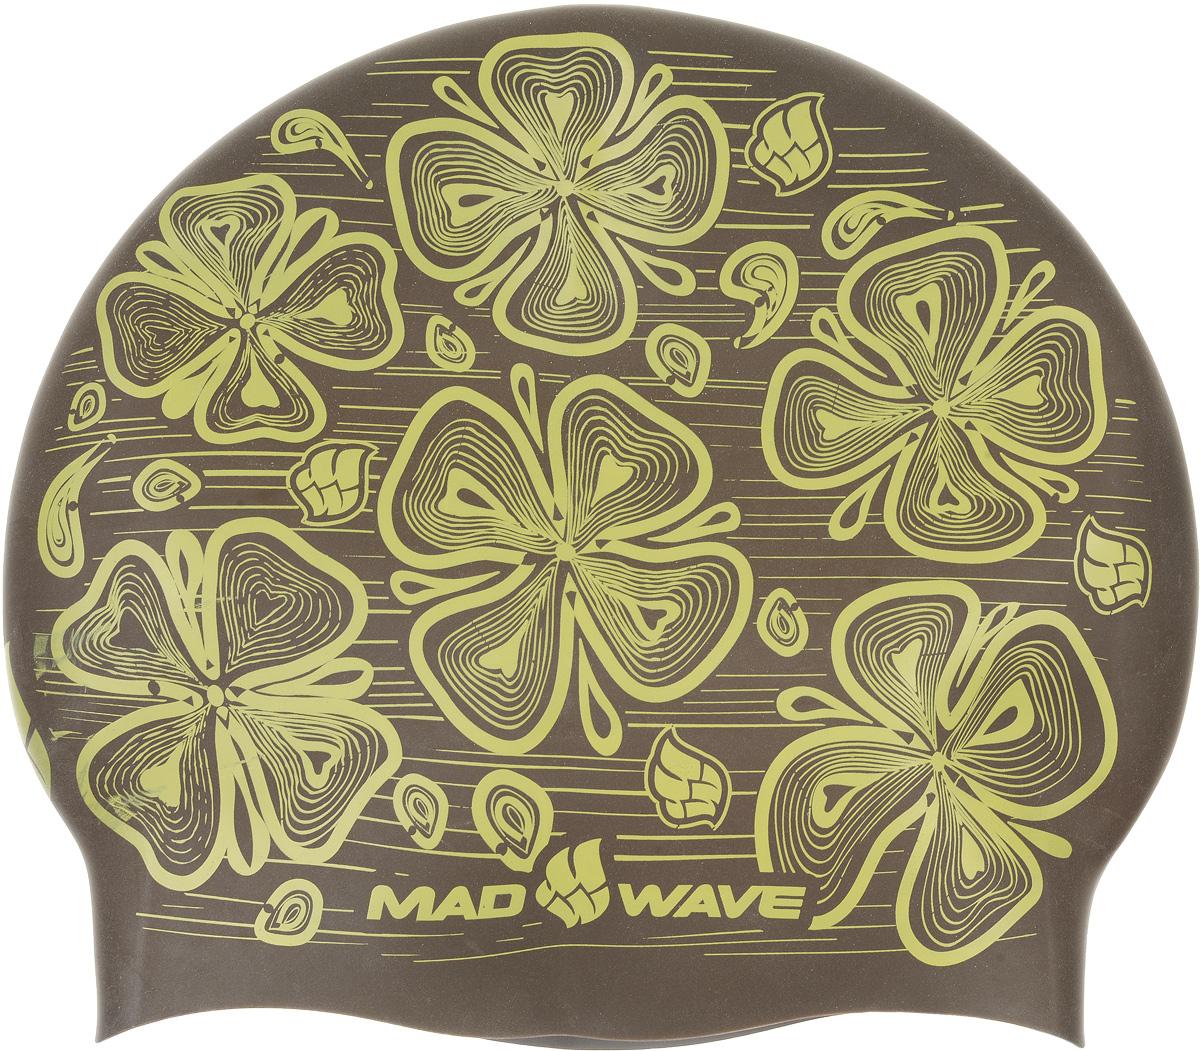 Шапочка для плавания MadWave Reverse Flora, силиконовая, двусторонняя, цвет: серый, коричневыйTS V-31 WMadWave Reverse Flora - 3D двусторонняя силиконовая шапочка. Мягкий прочный силикон обеспечивает идеальную подгонку и комфорт. Материал шапочки не вызывает раздражения, что гарантирует безопасность использования шапочки. Силикон не пропускает воду и приятен на ощупь. Характеристики:Материал: силикон.Размер шапочки: 22 см x 19 см. Производитель: Китай. Артикул: M0552 08 0 17W.